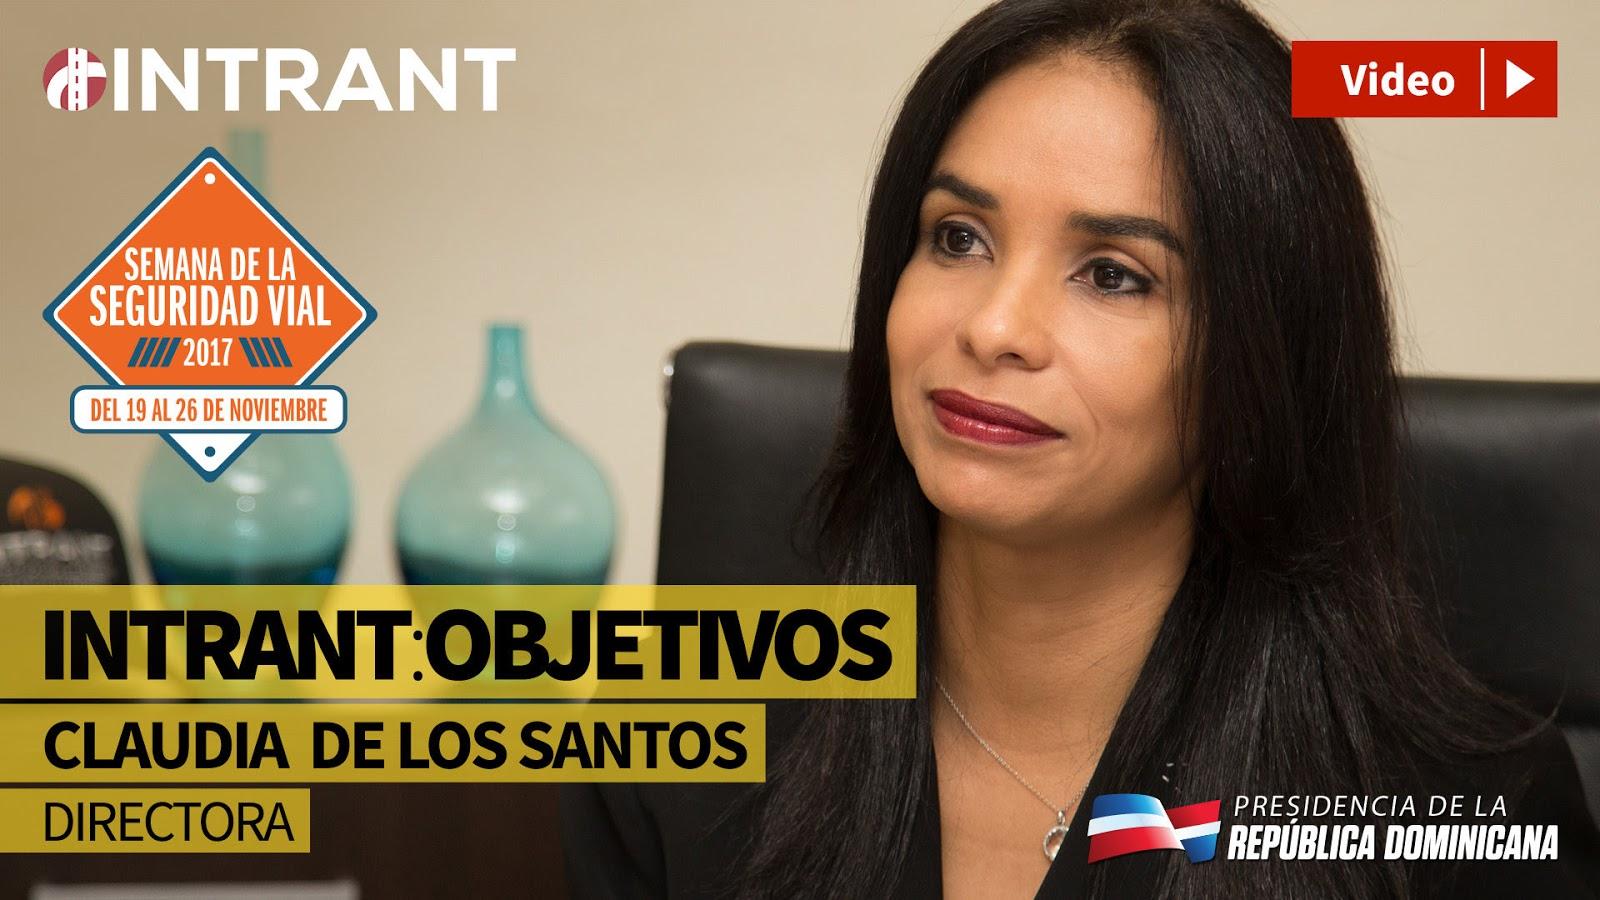 VIDEO: INTRANT: Objetivos. Claudia De Los Santos.